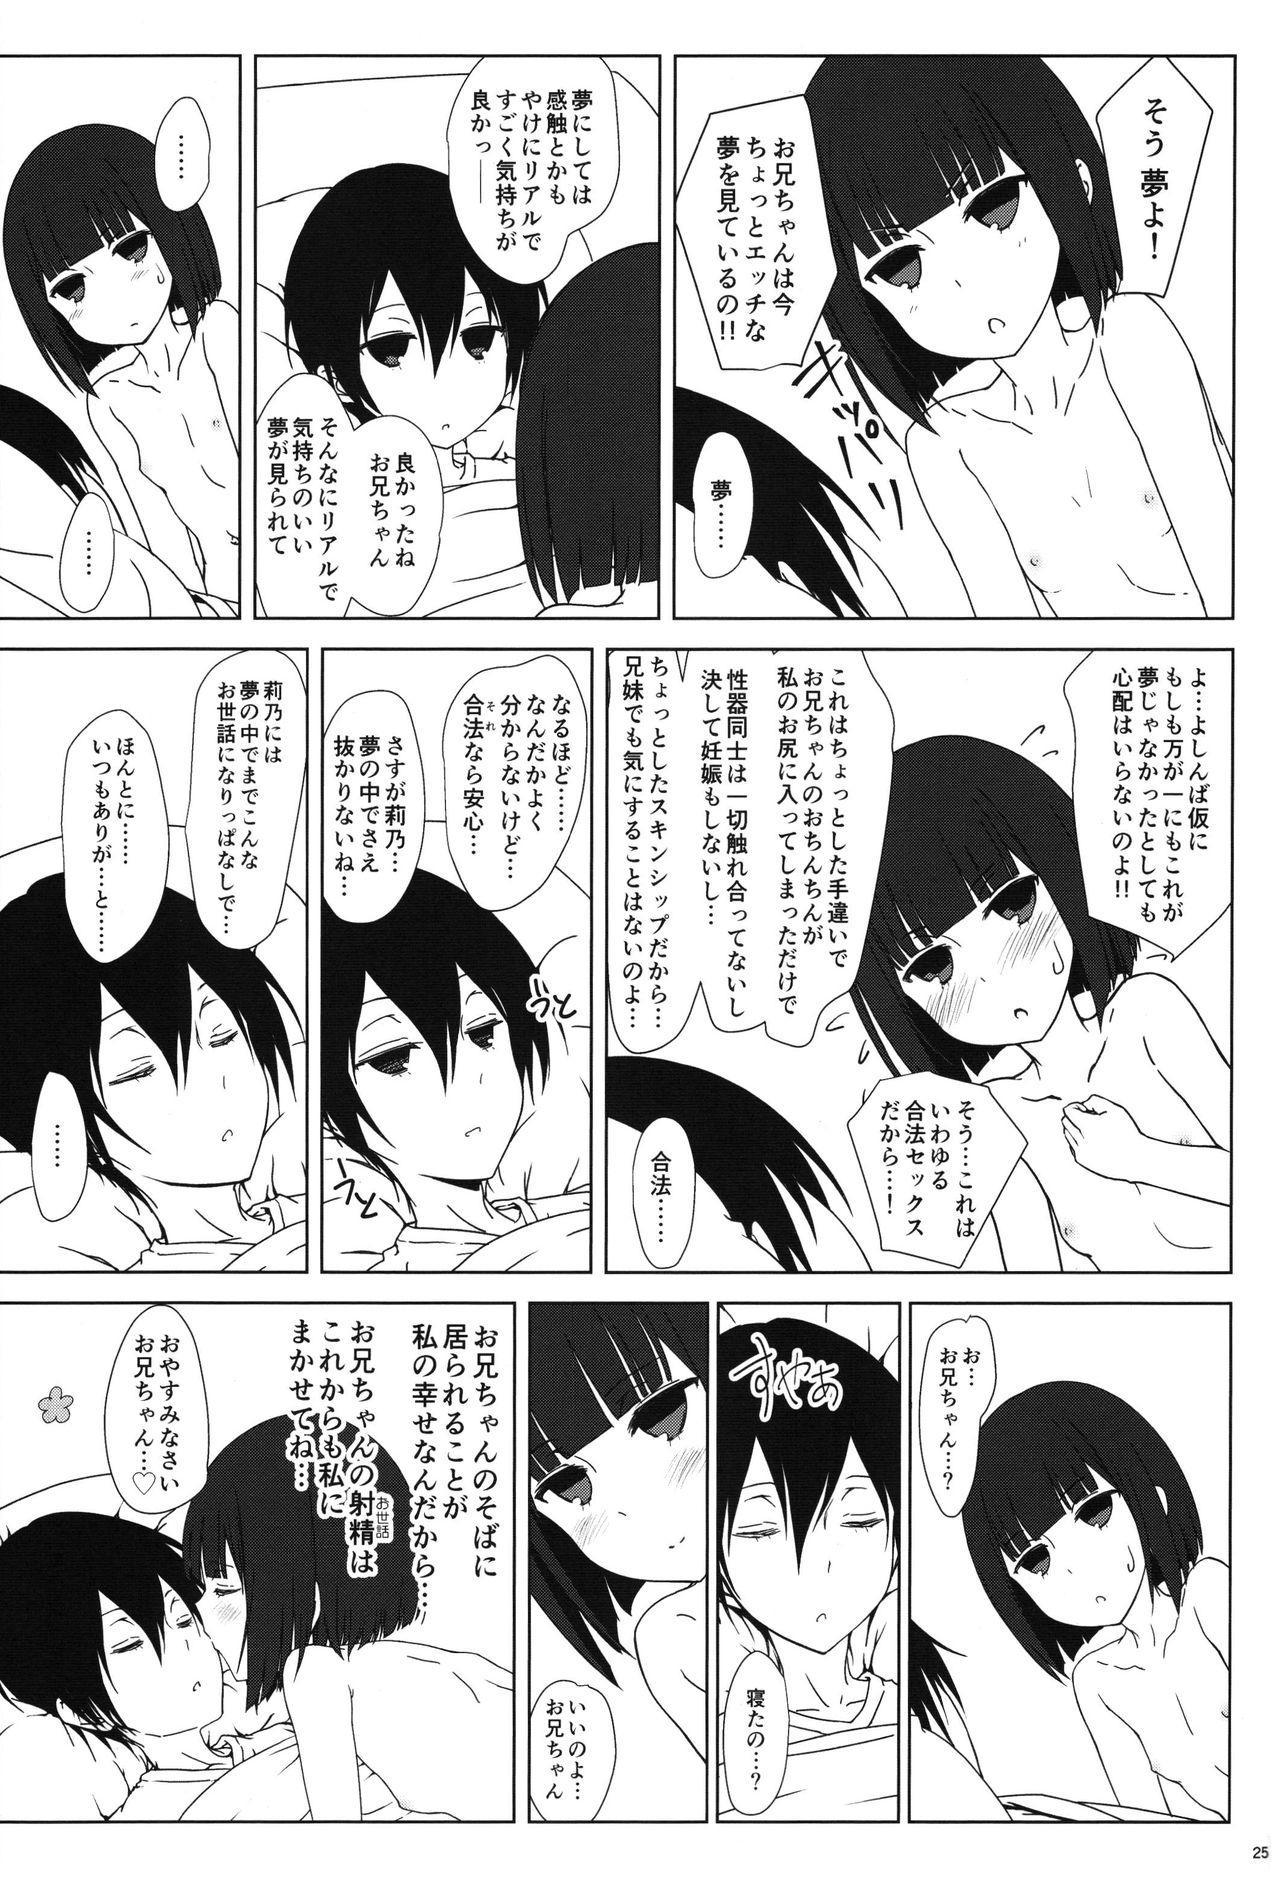 Tanaka Imouto ga Warito Sakarige 23